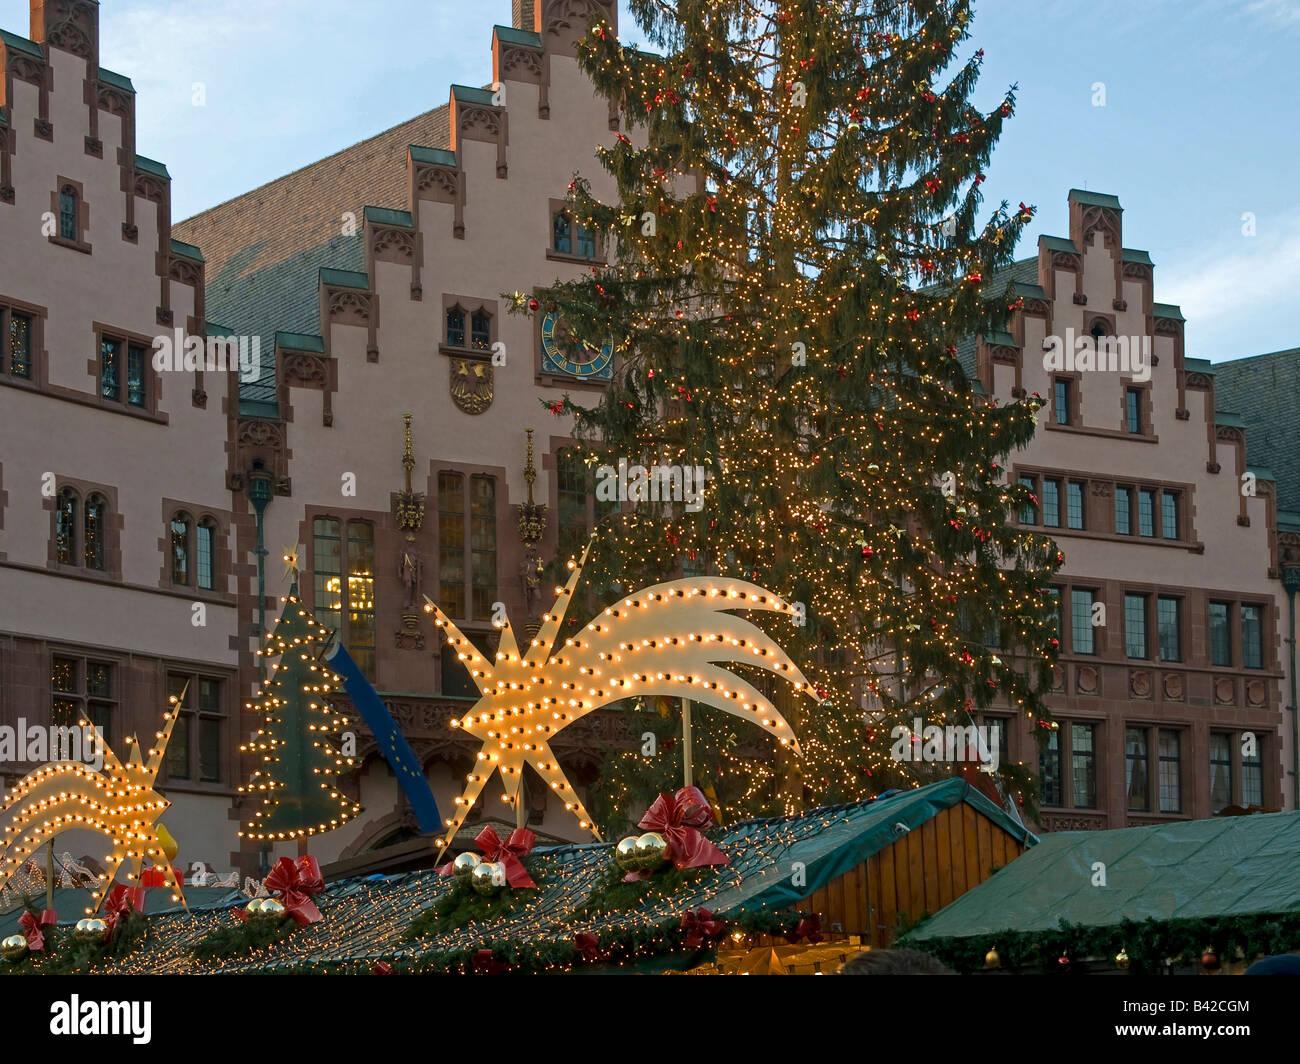 Weihnachtsbaum Frankfurt.Weihnachtsbaum Mit Lichterketten Und Ständen Mit Sternen